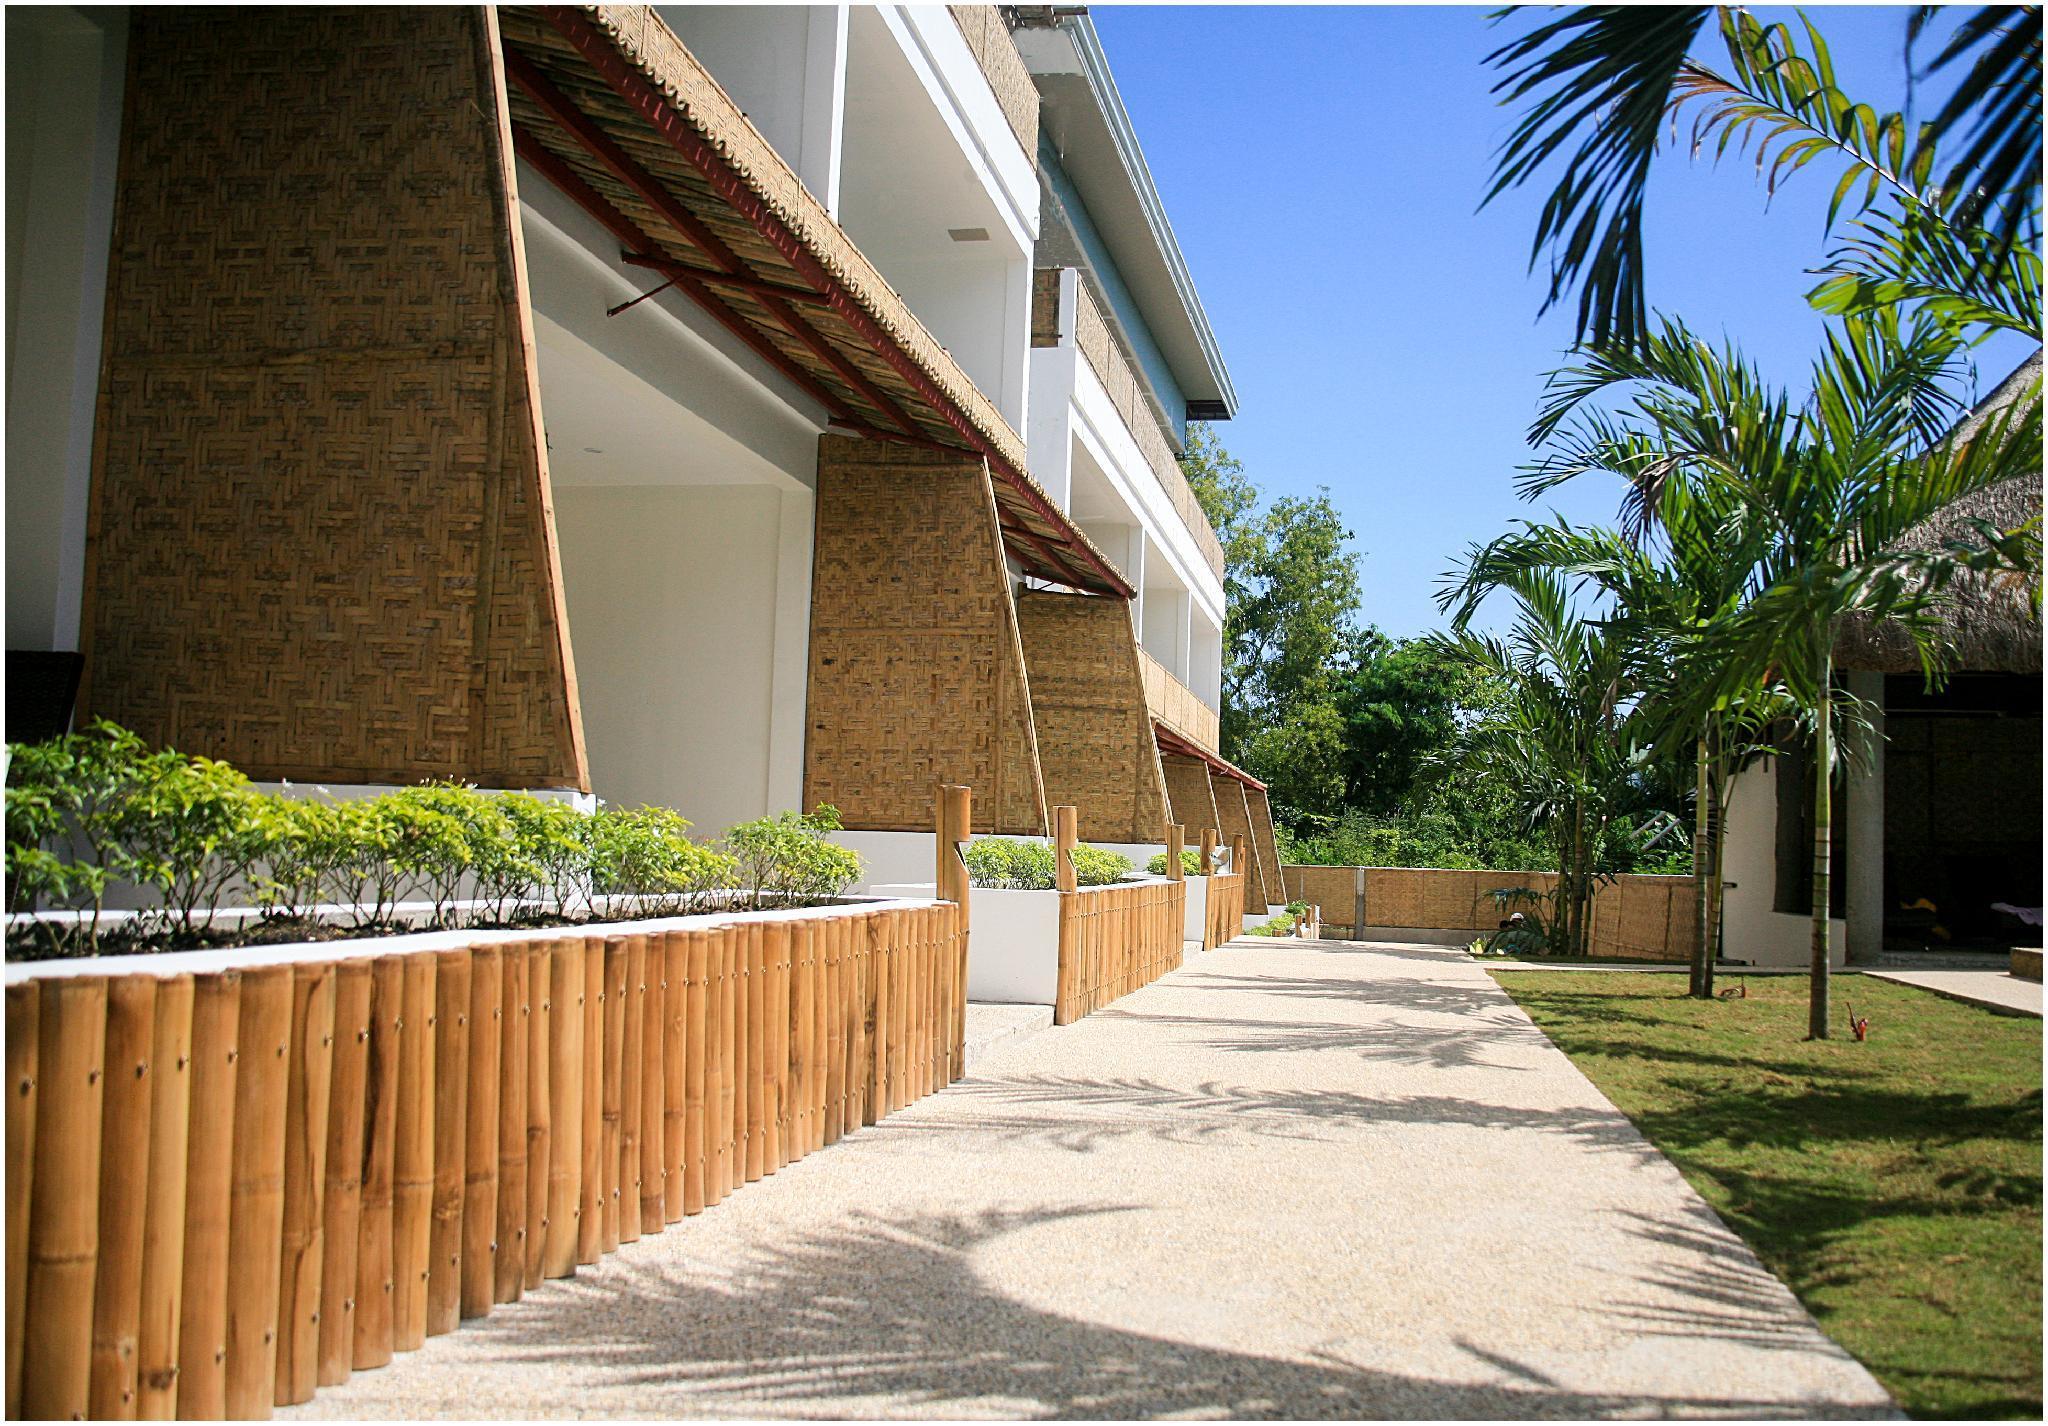 Panglao Bamboo Oasis